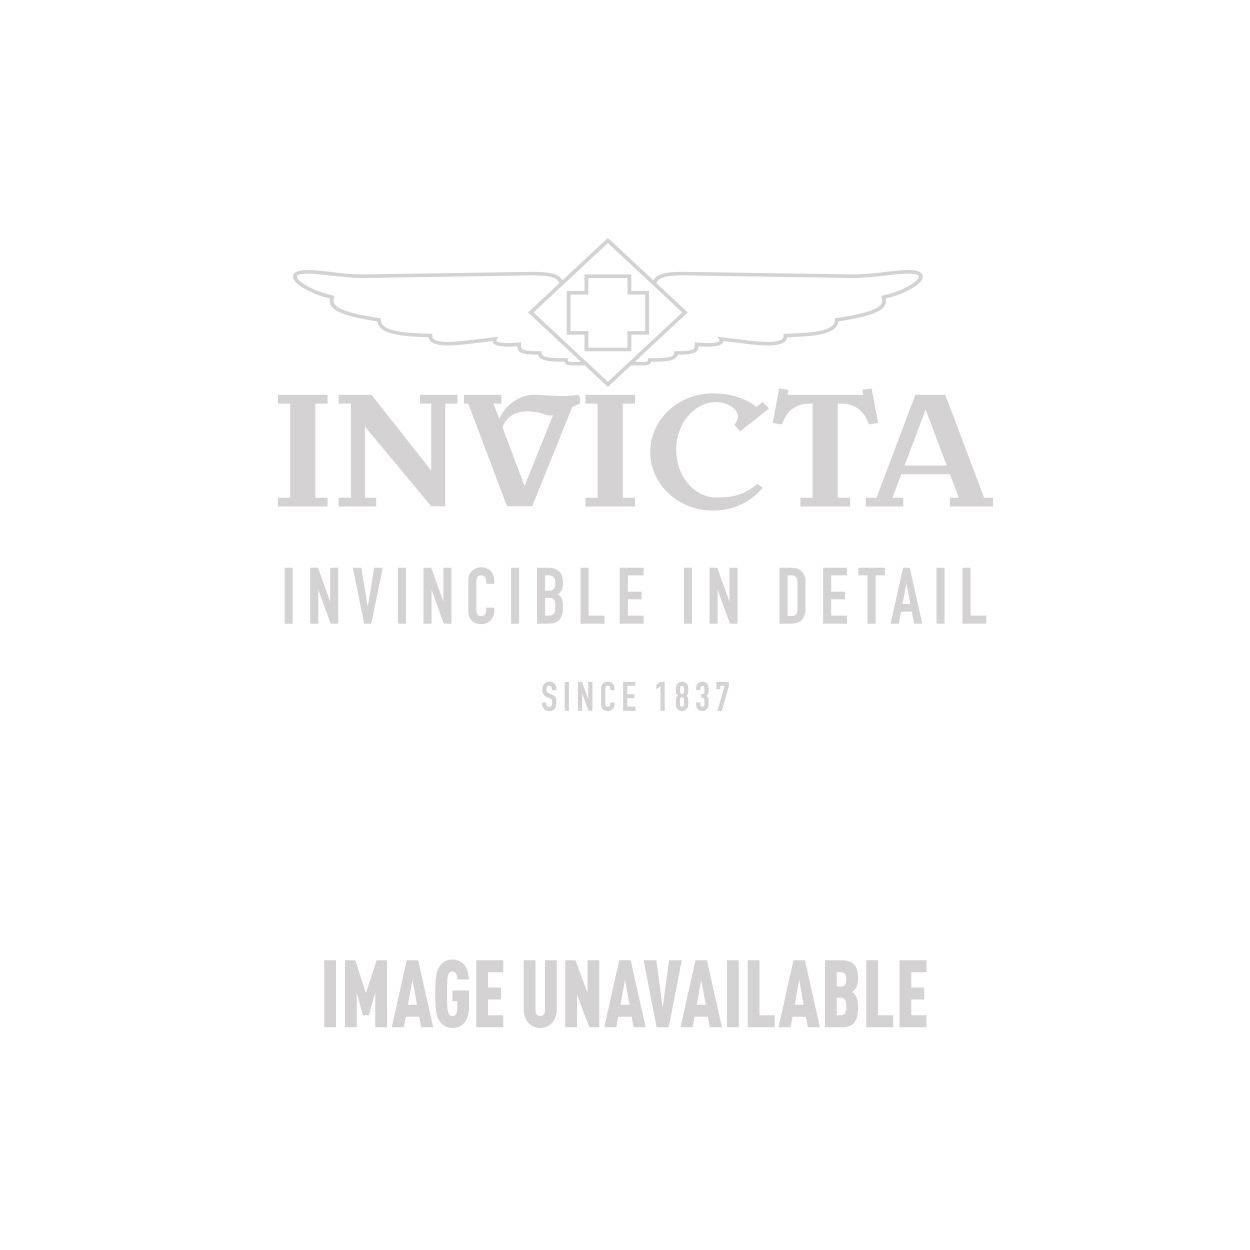 Invicta Model  24941